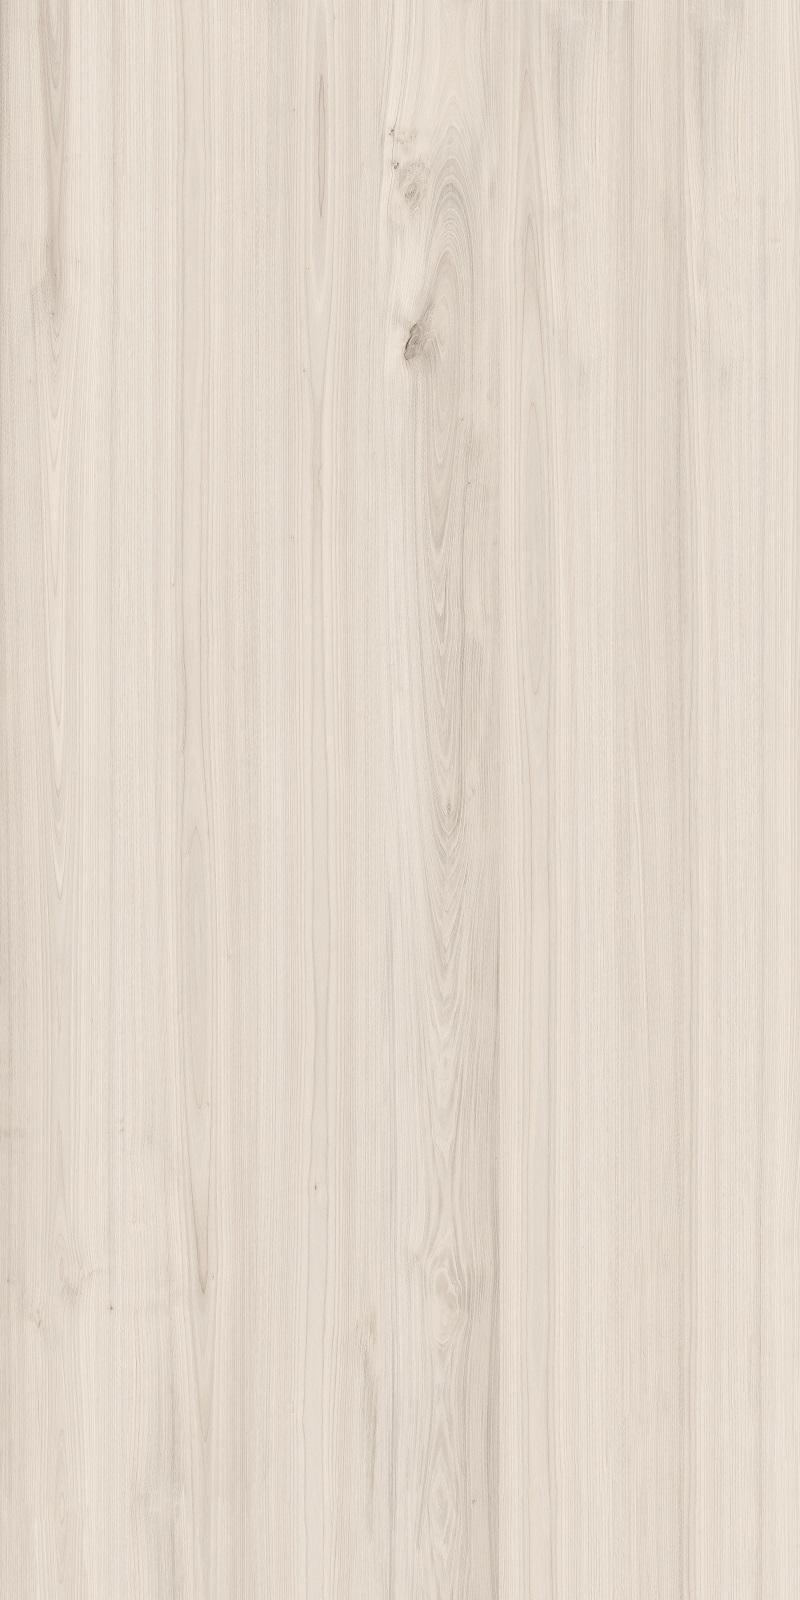 冠珠瓷砖胡桃木米灰大理石